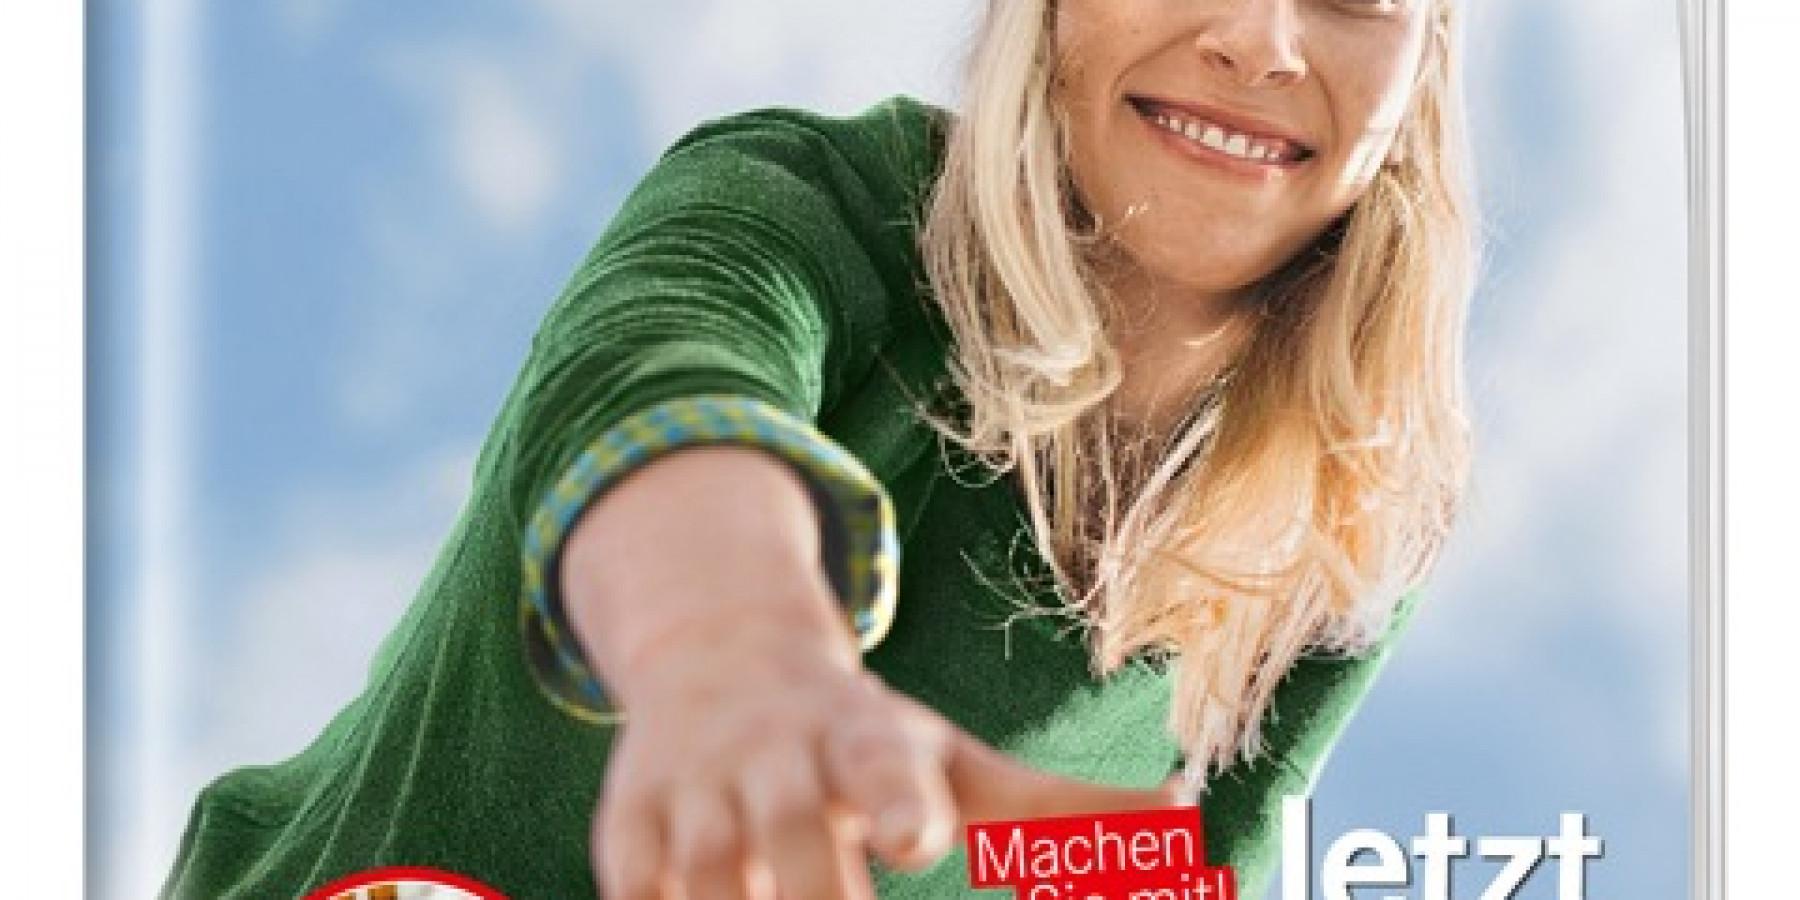 18,82 Millionen Deutsche lesen monatlich das beliebte Gesundheitsmagazin